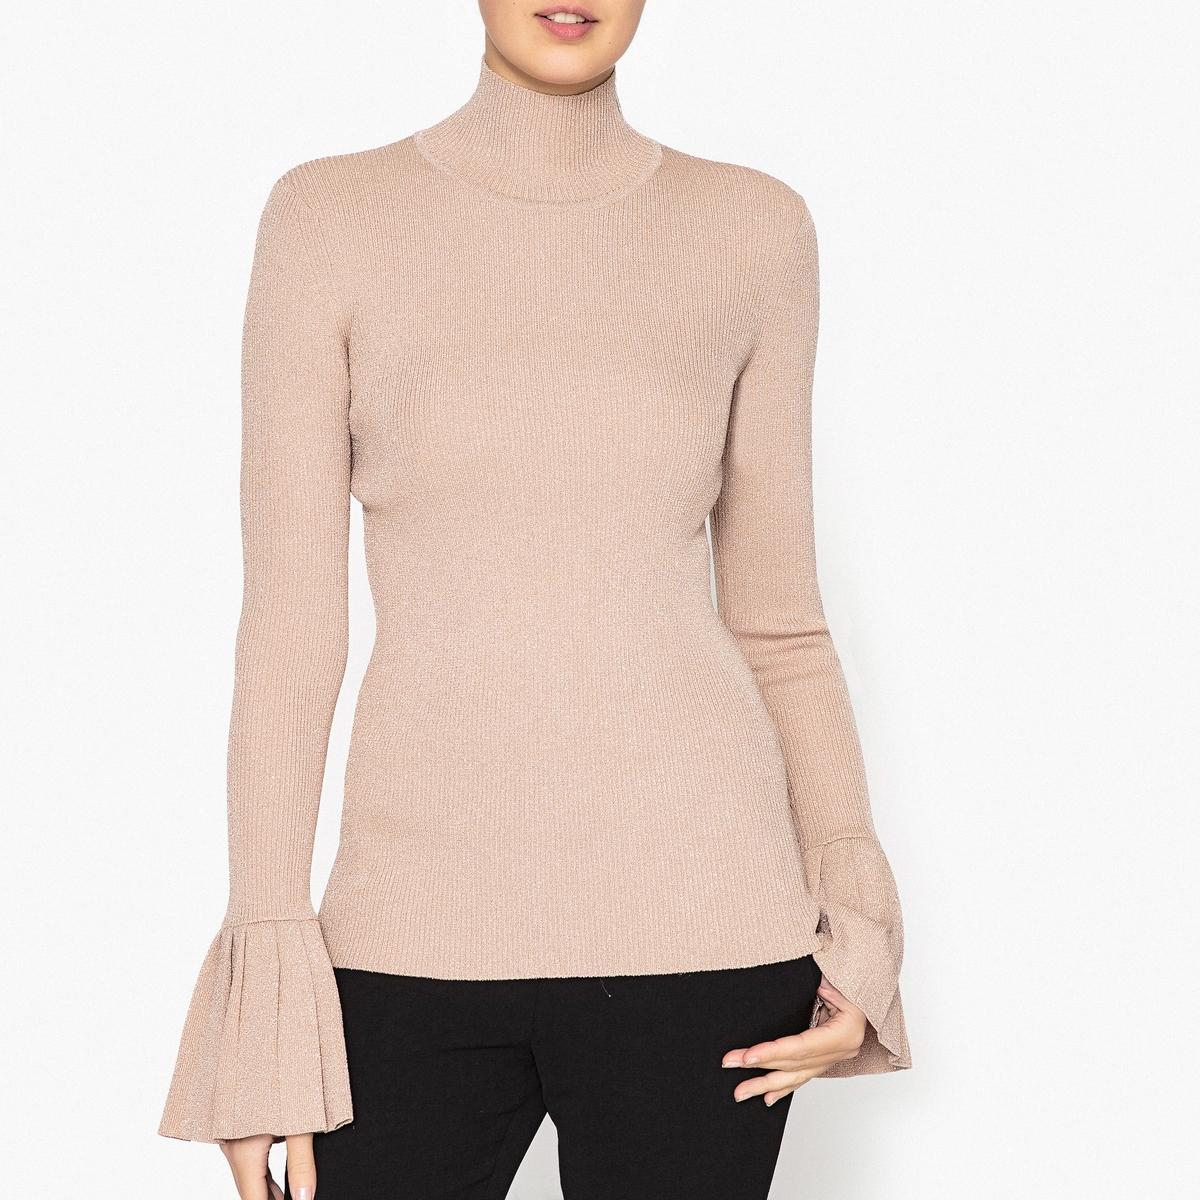 Пуловер блестящий с воротником-стойкой хочу итальянскую мужскую рубашку с воротником стойкой где